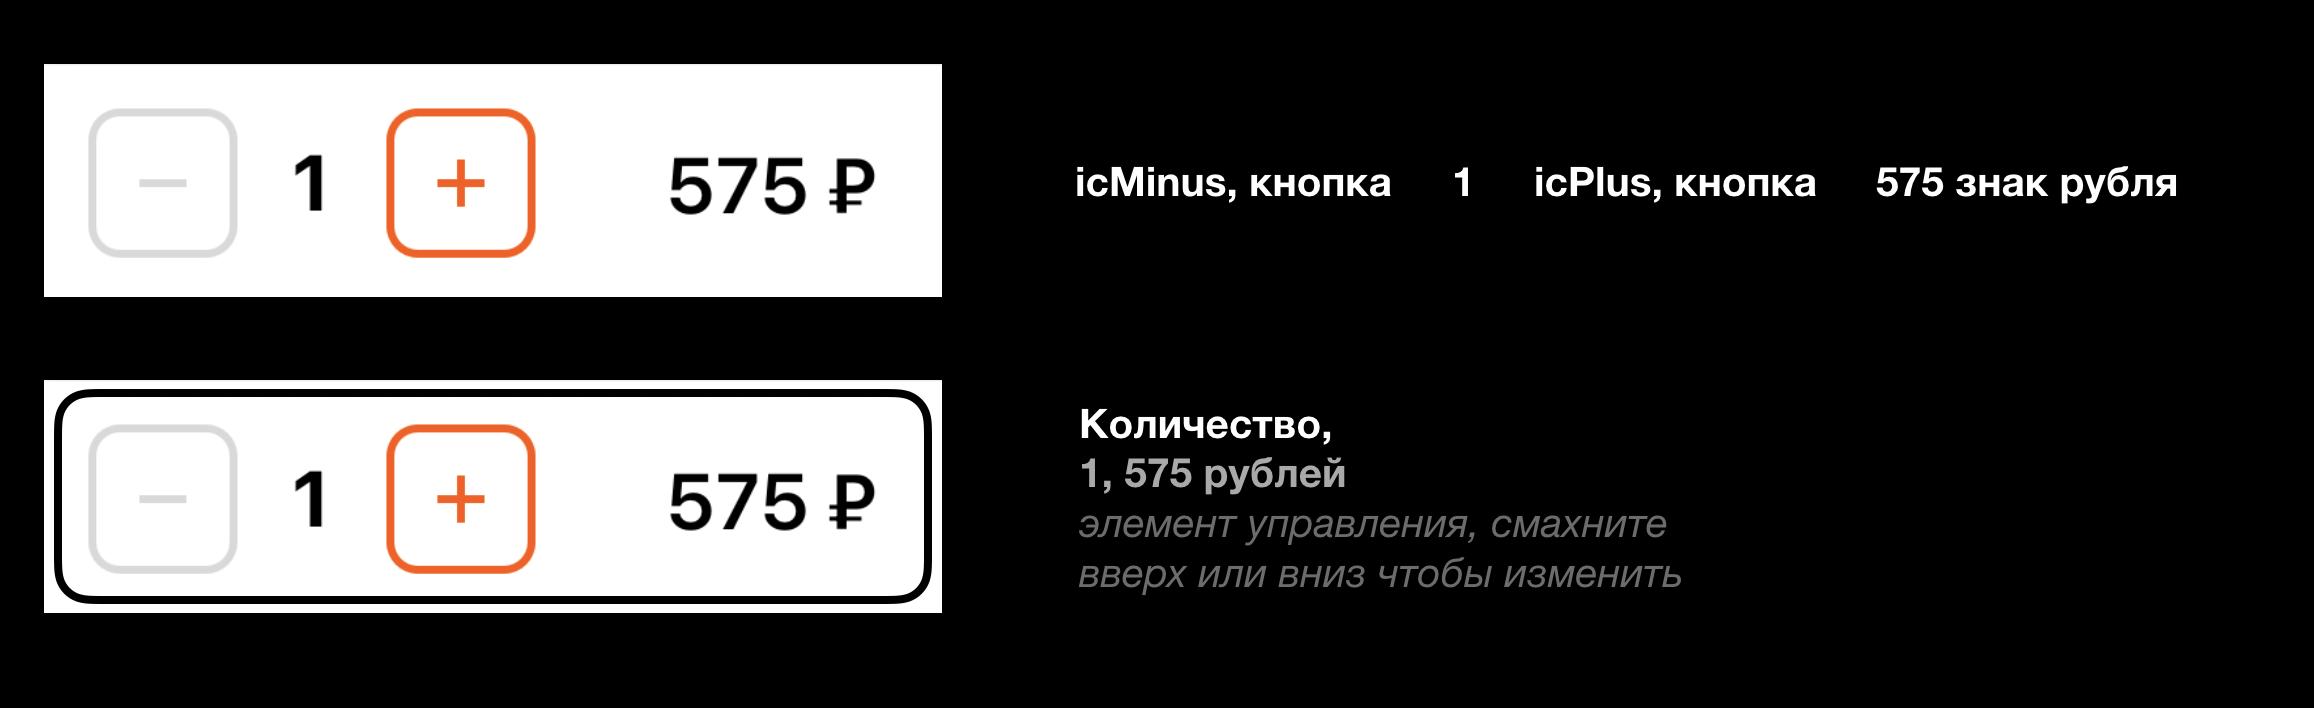 Пример объединения четырёх контролов: кнопки минус, надписи с количеством, кнопки плюс и цены за все продукты